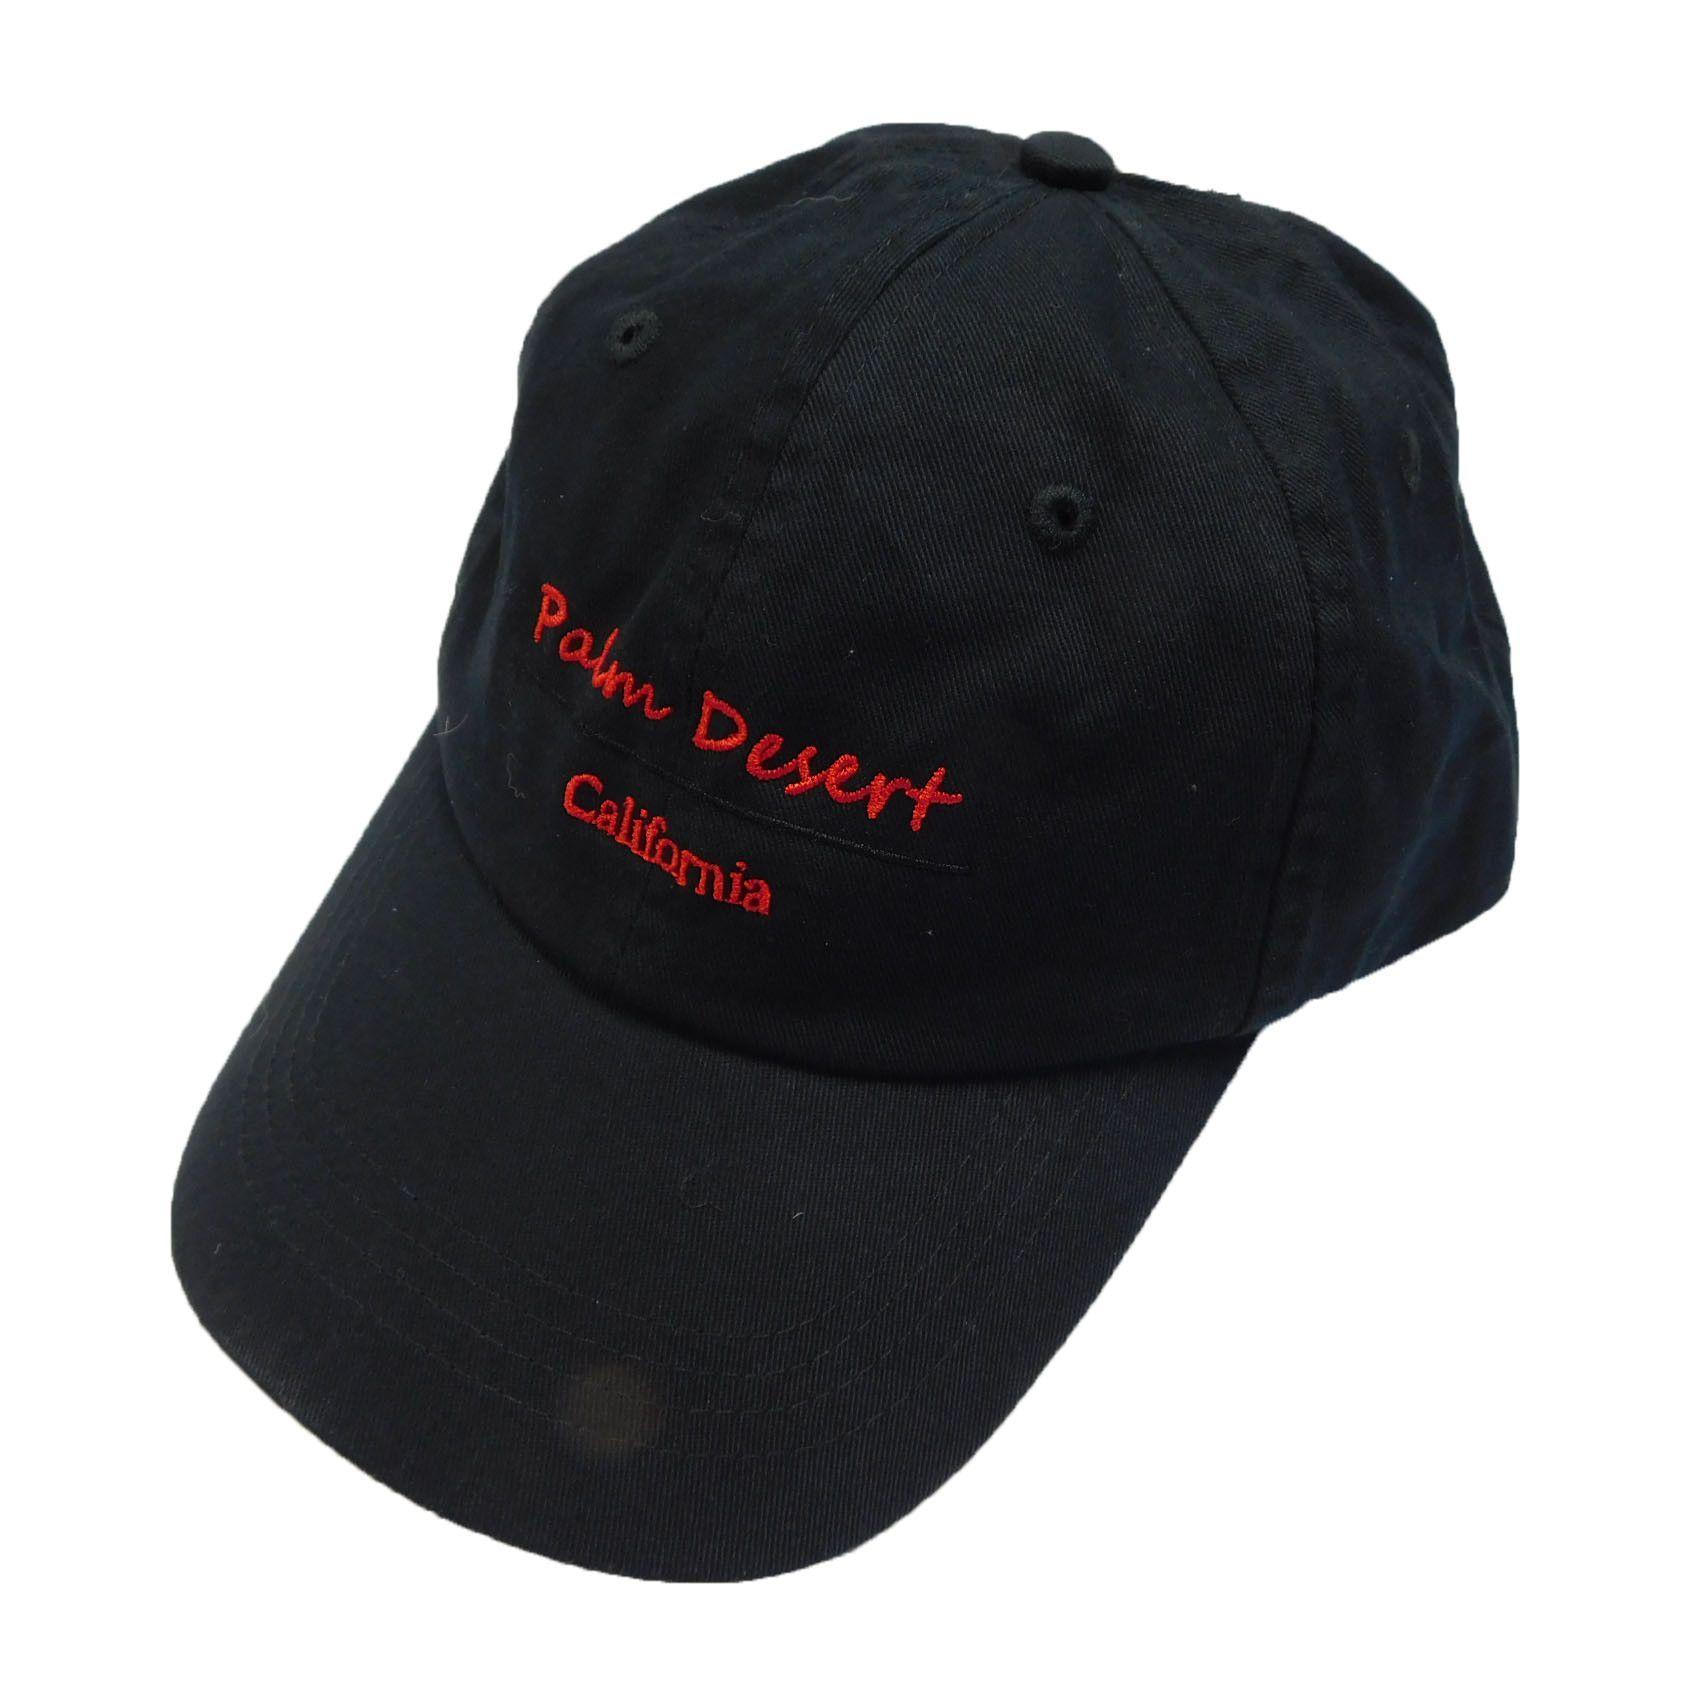 f7c21c0b4d7 Twill Baseball Cap - Black